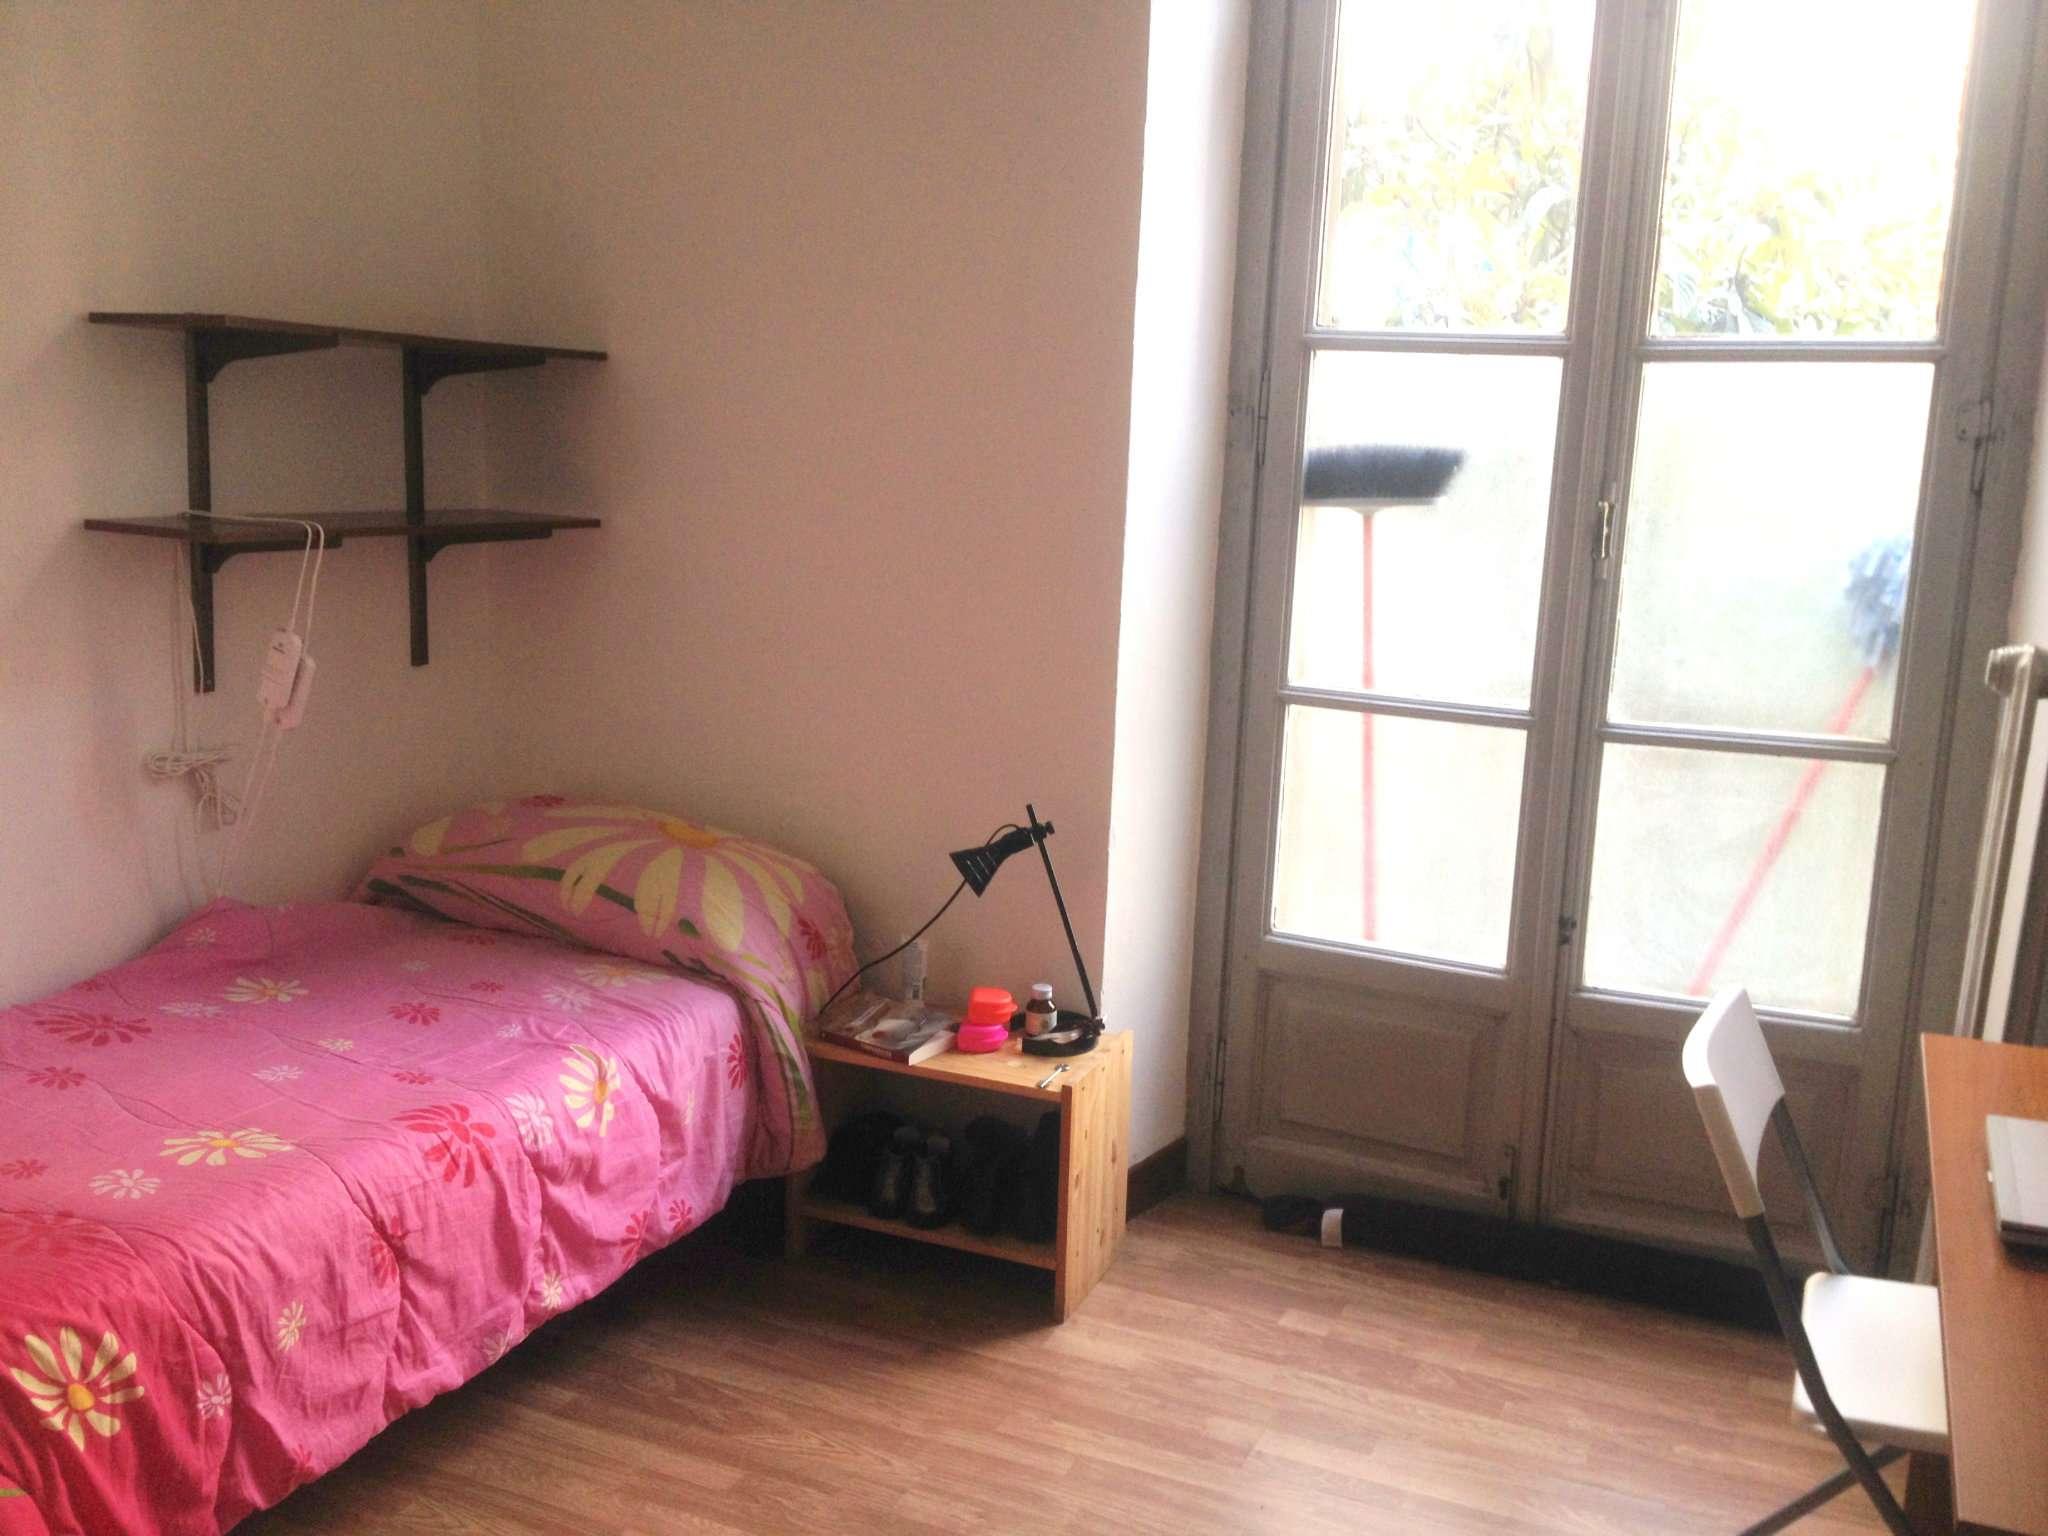 Appartamento in affitto a Torino, 1 locali, zona San Secondo, Crocetta, prezzo € 320 | PortaleAgenzieImmobiliari.it